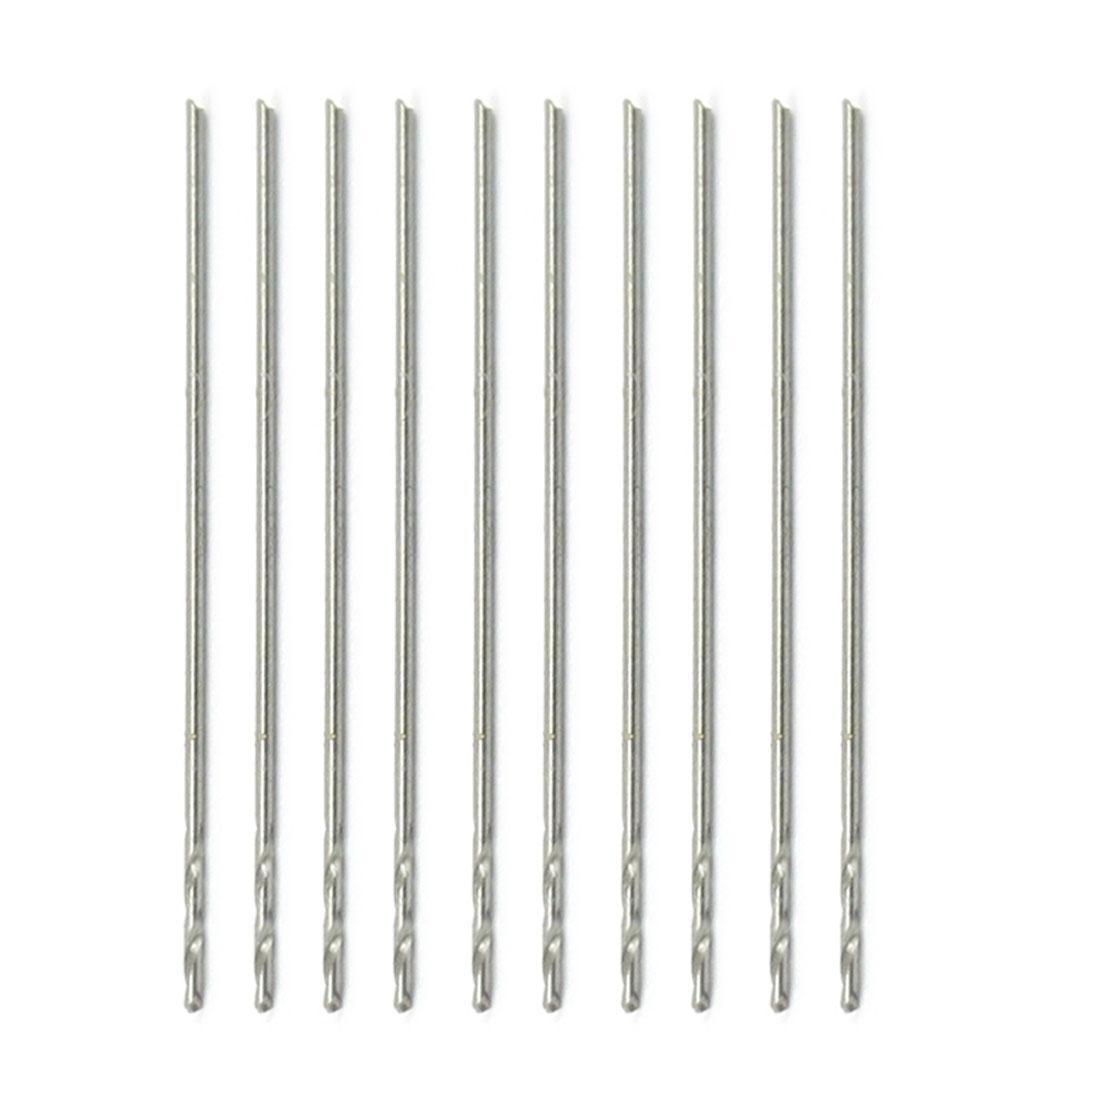 High Speed Steel 0.4mm Dia Split Point 20mm Long Twist Drill Bits 10 Pcs